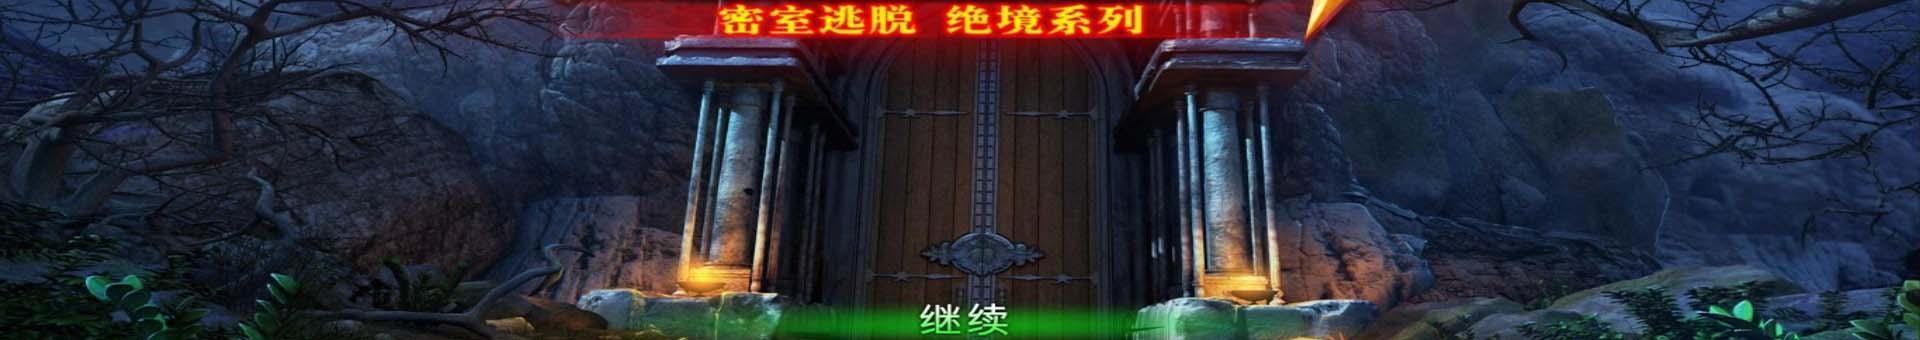 密室逃脱绝境系列11游乐园